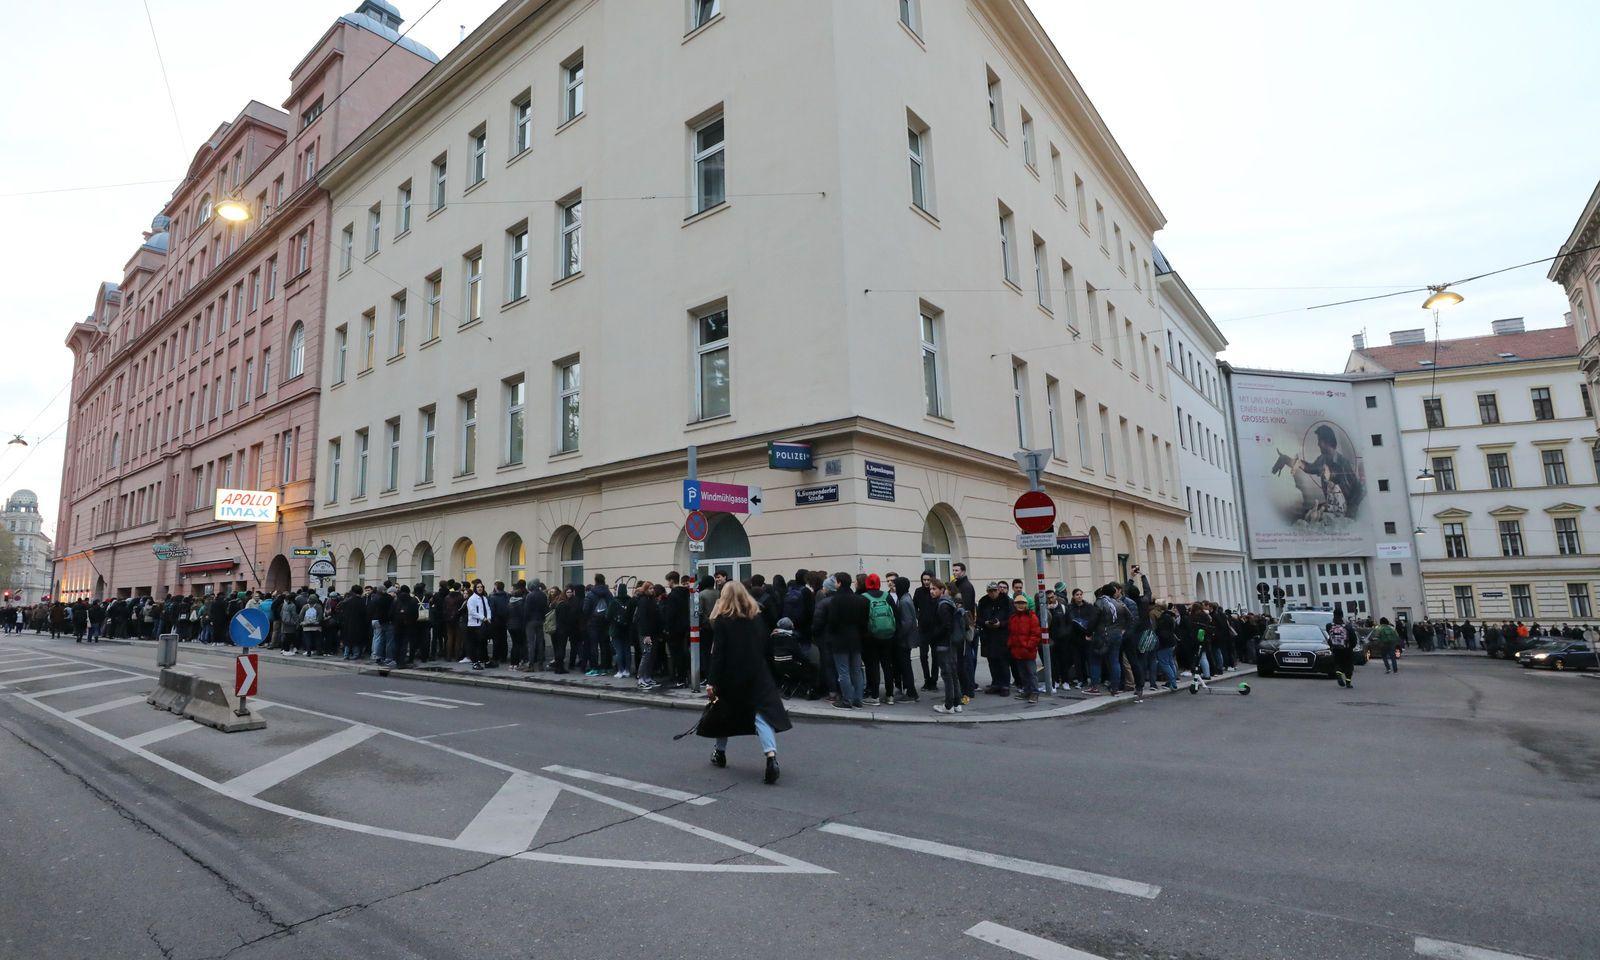 Die Menschen standen bis in die nächste Querstraße.